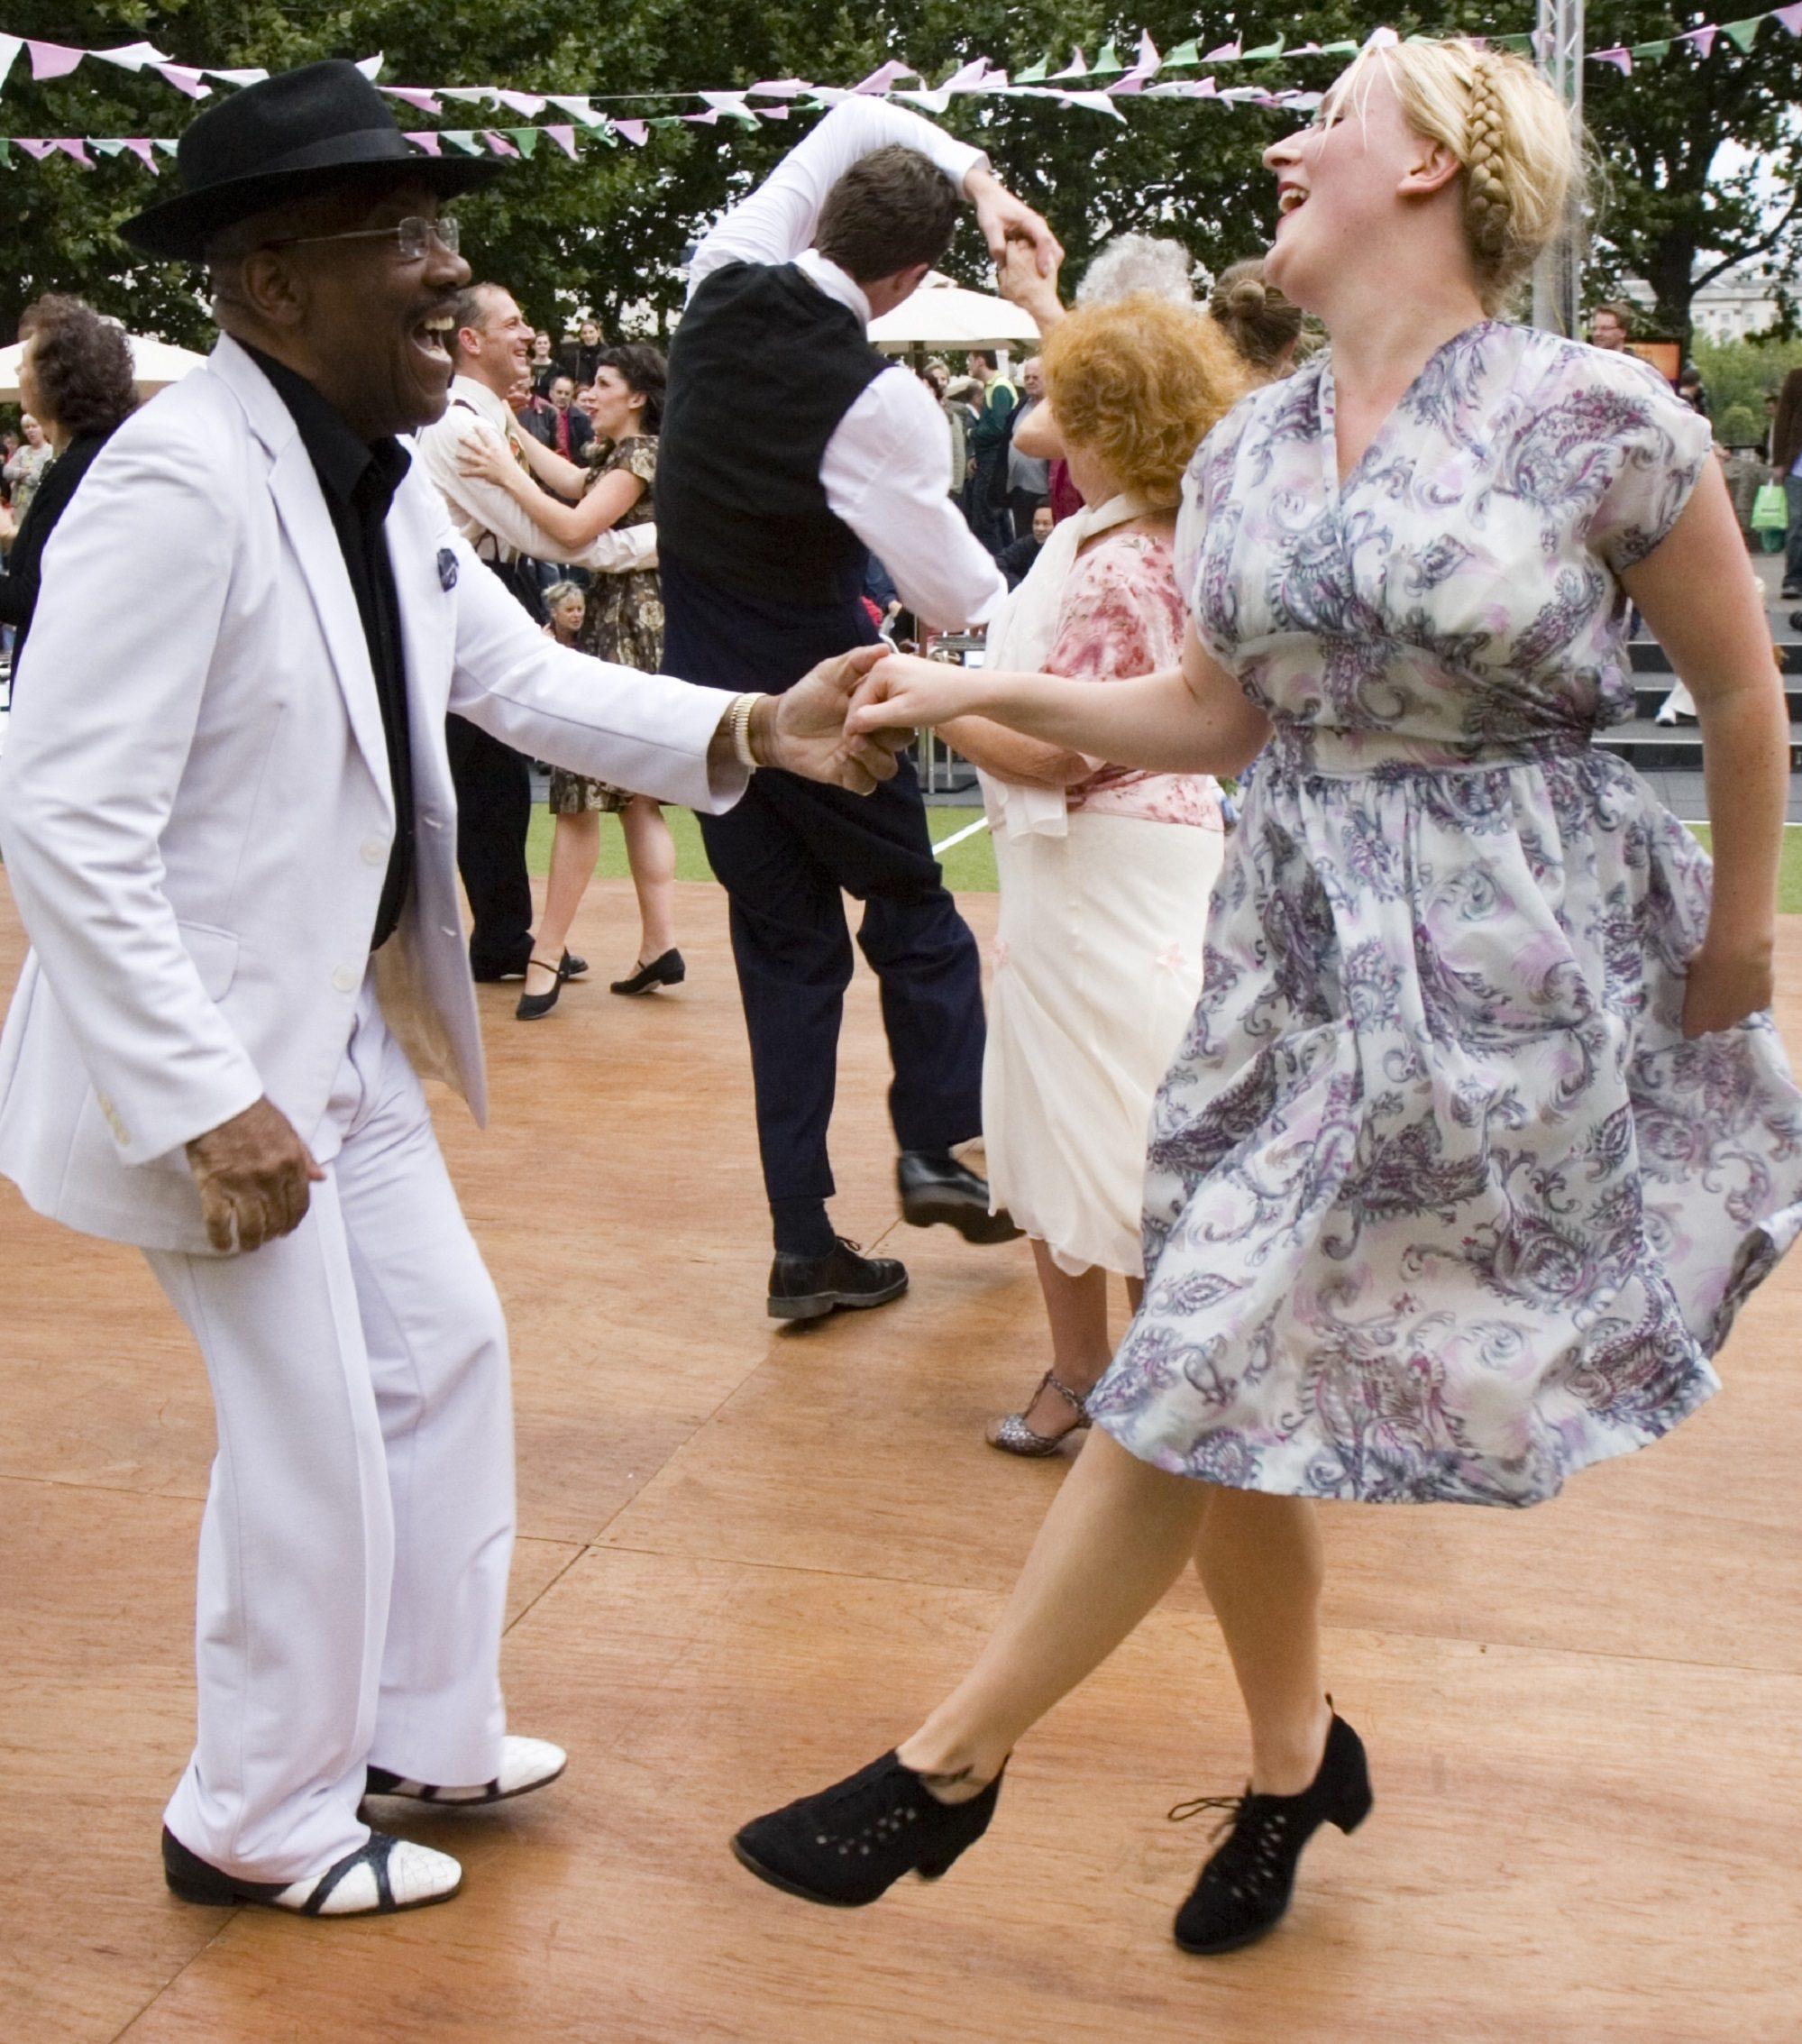 Ragroof Tea Dance Carnival Time ┬®Ludovic_des_Cognets copy.jpg